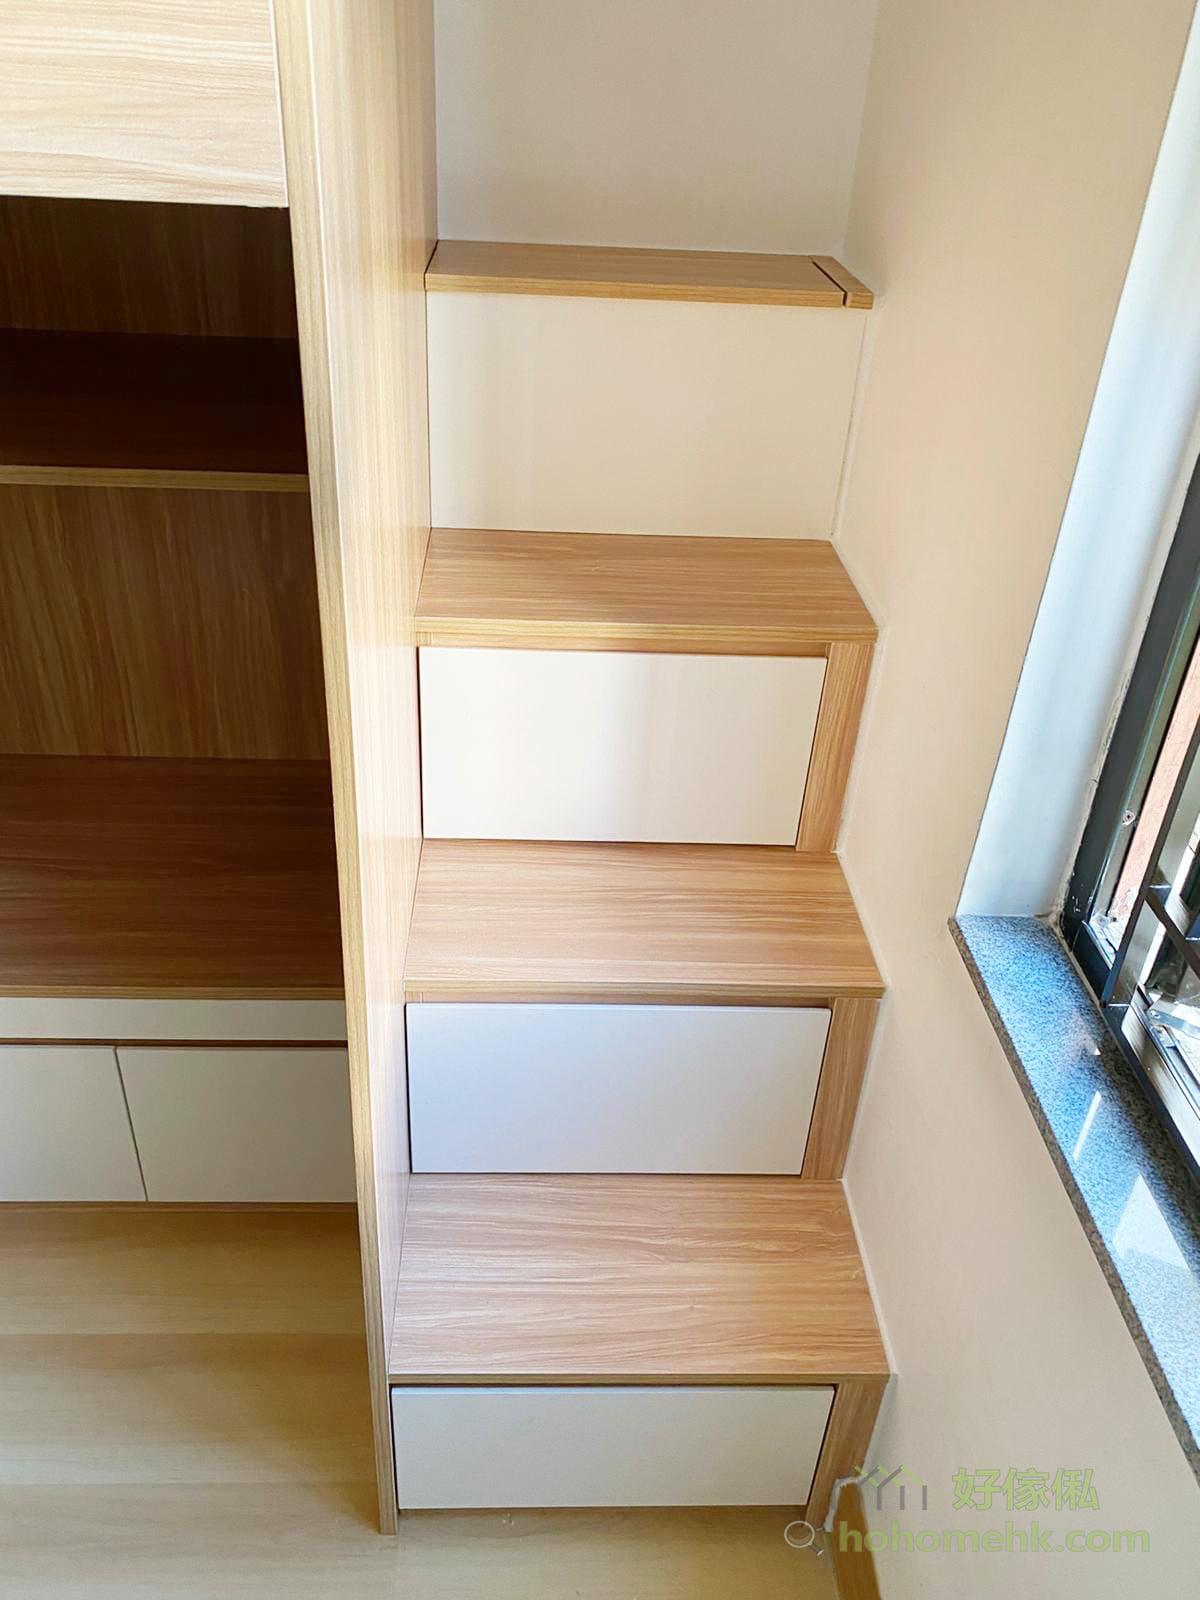 全部的櫃都是在樓梯方向打開,白色的飾板也令小朋友更容易學會自己打開櫃桶把東西收好